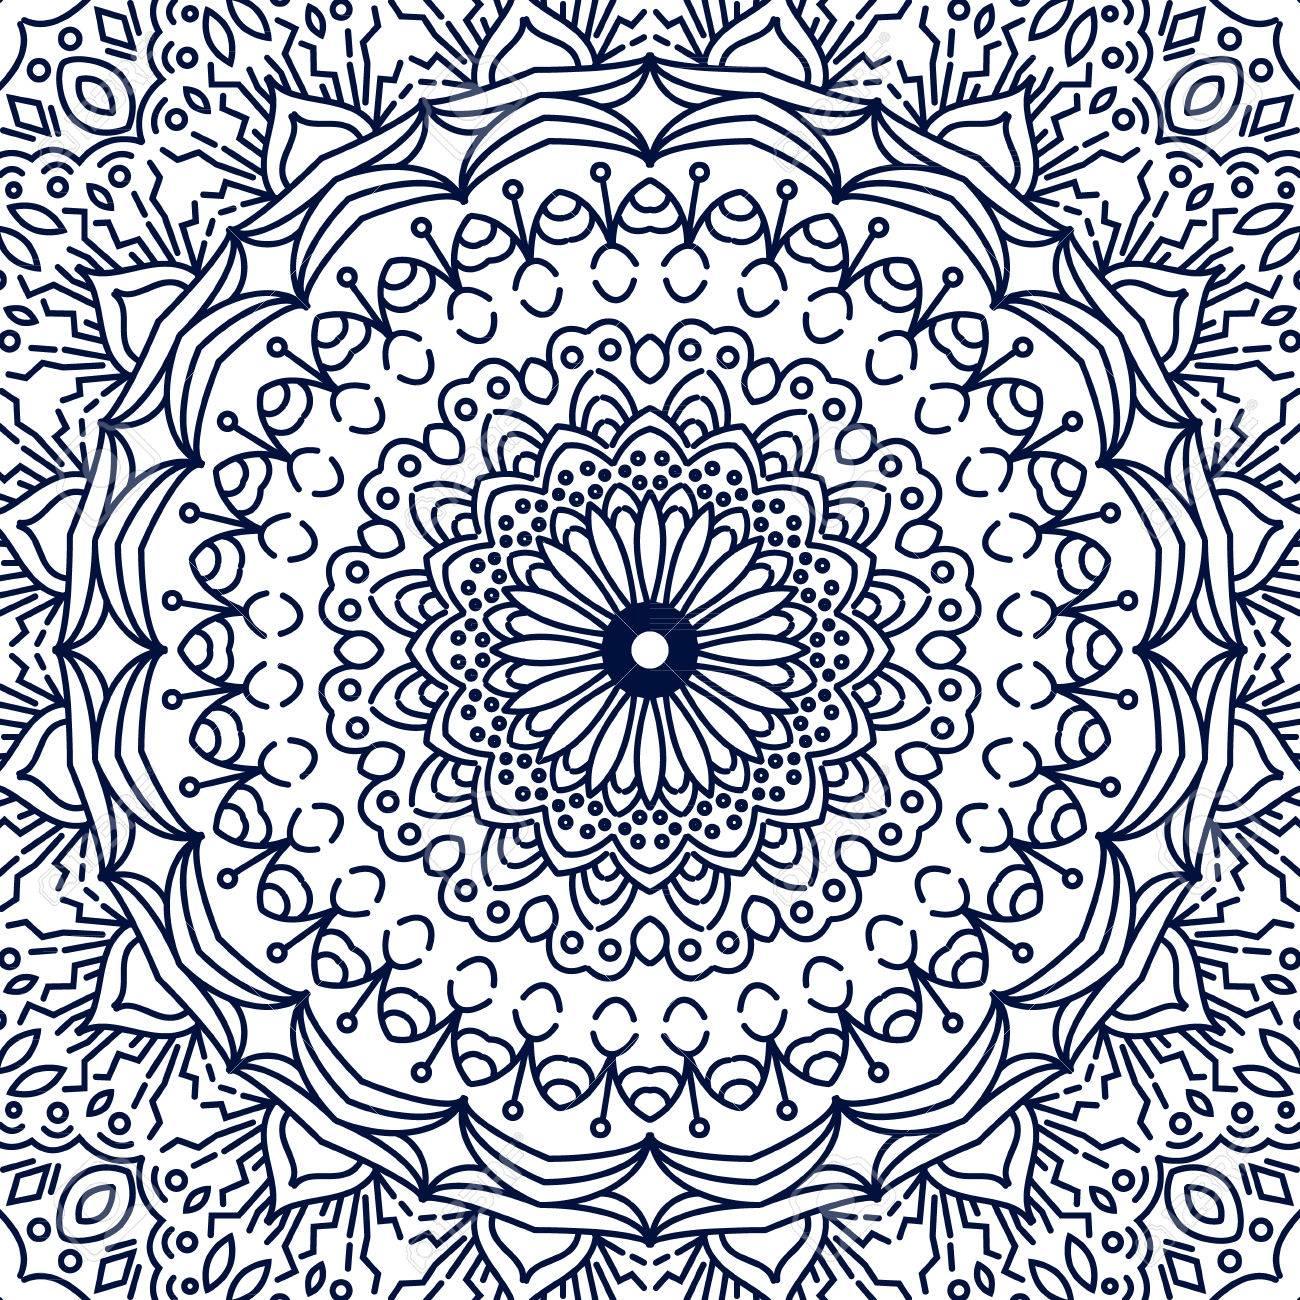 Excepcional Mandala Complejo Para Colorear Cresta - Dibujos Para ...